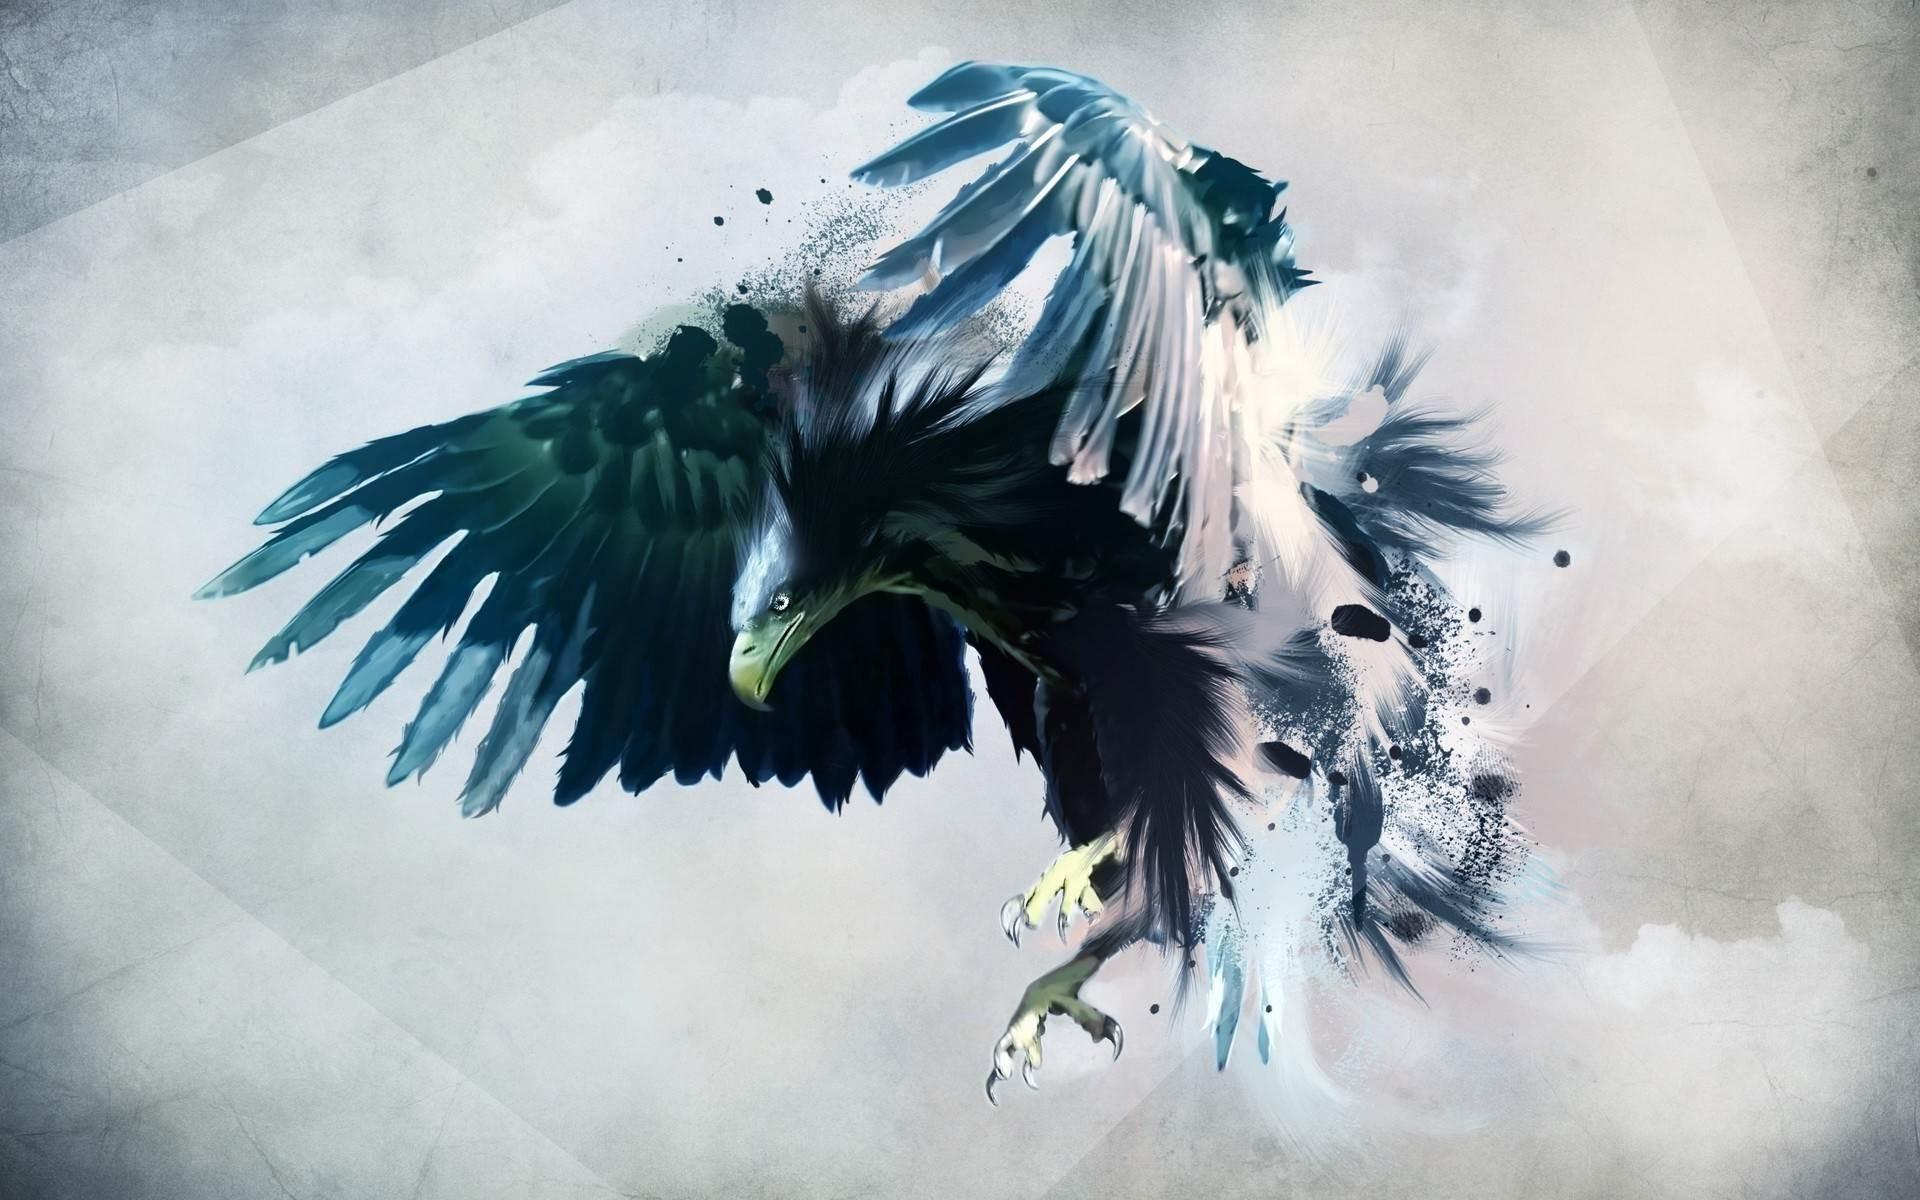 Eagles Logo Wallpapers Pixels Talk 640×960 Free Philadelphia Eagles  Wallpapers   Adorable Wallpapers